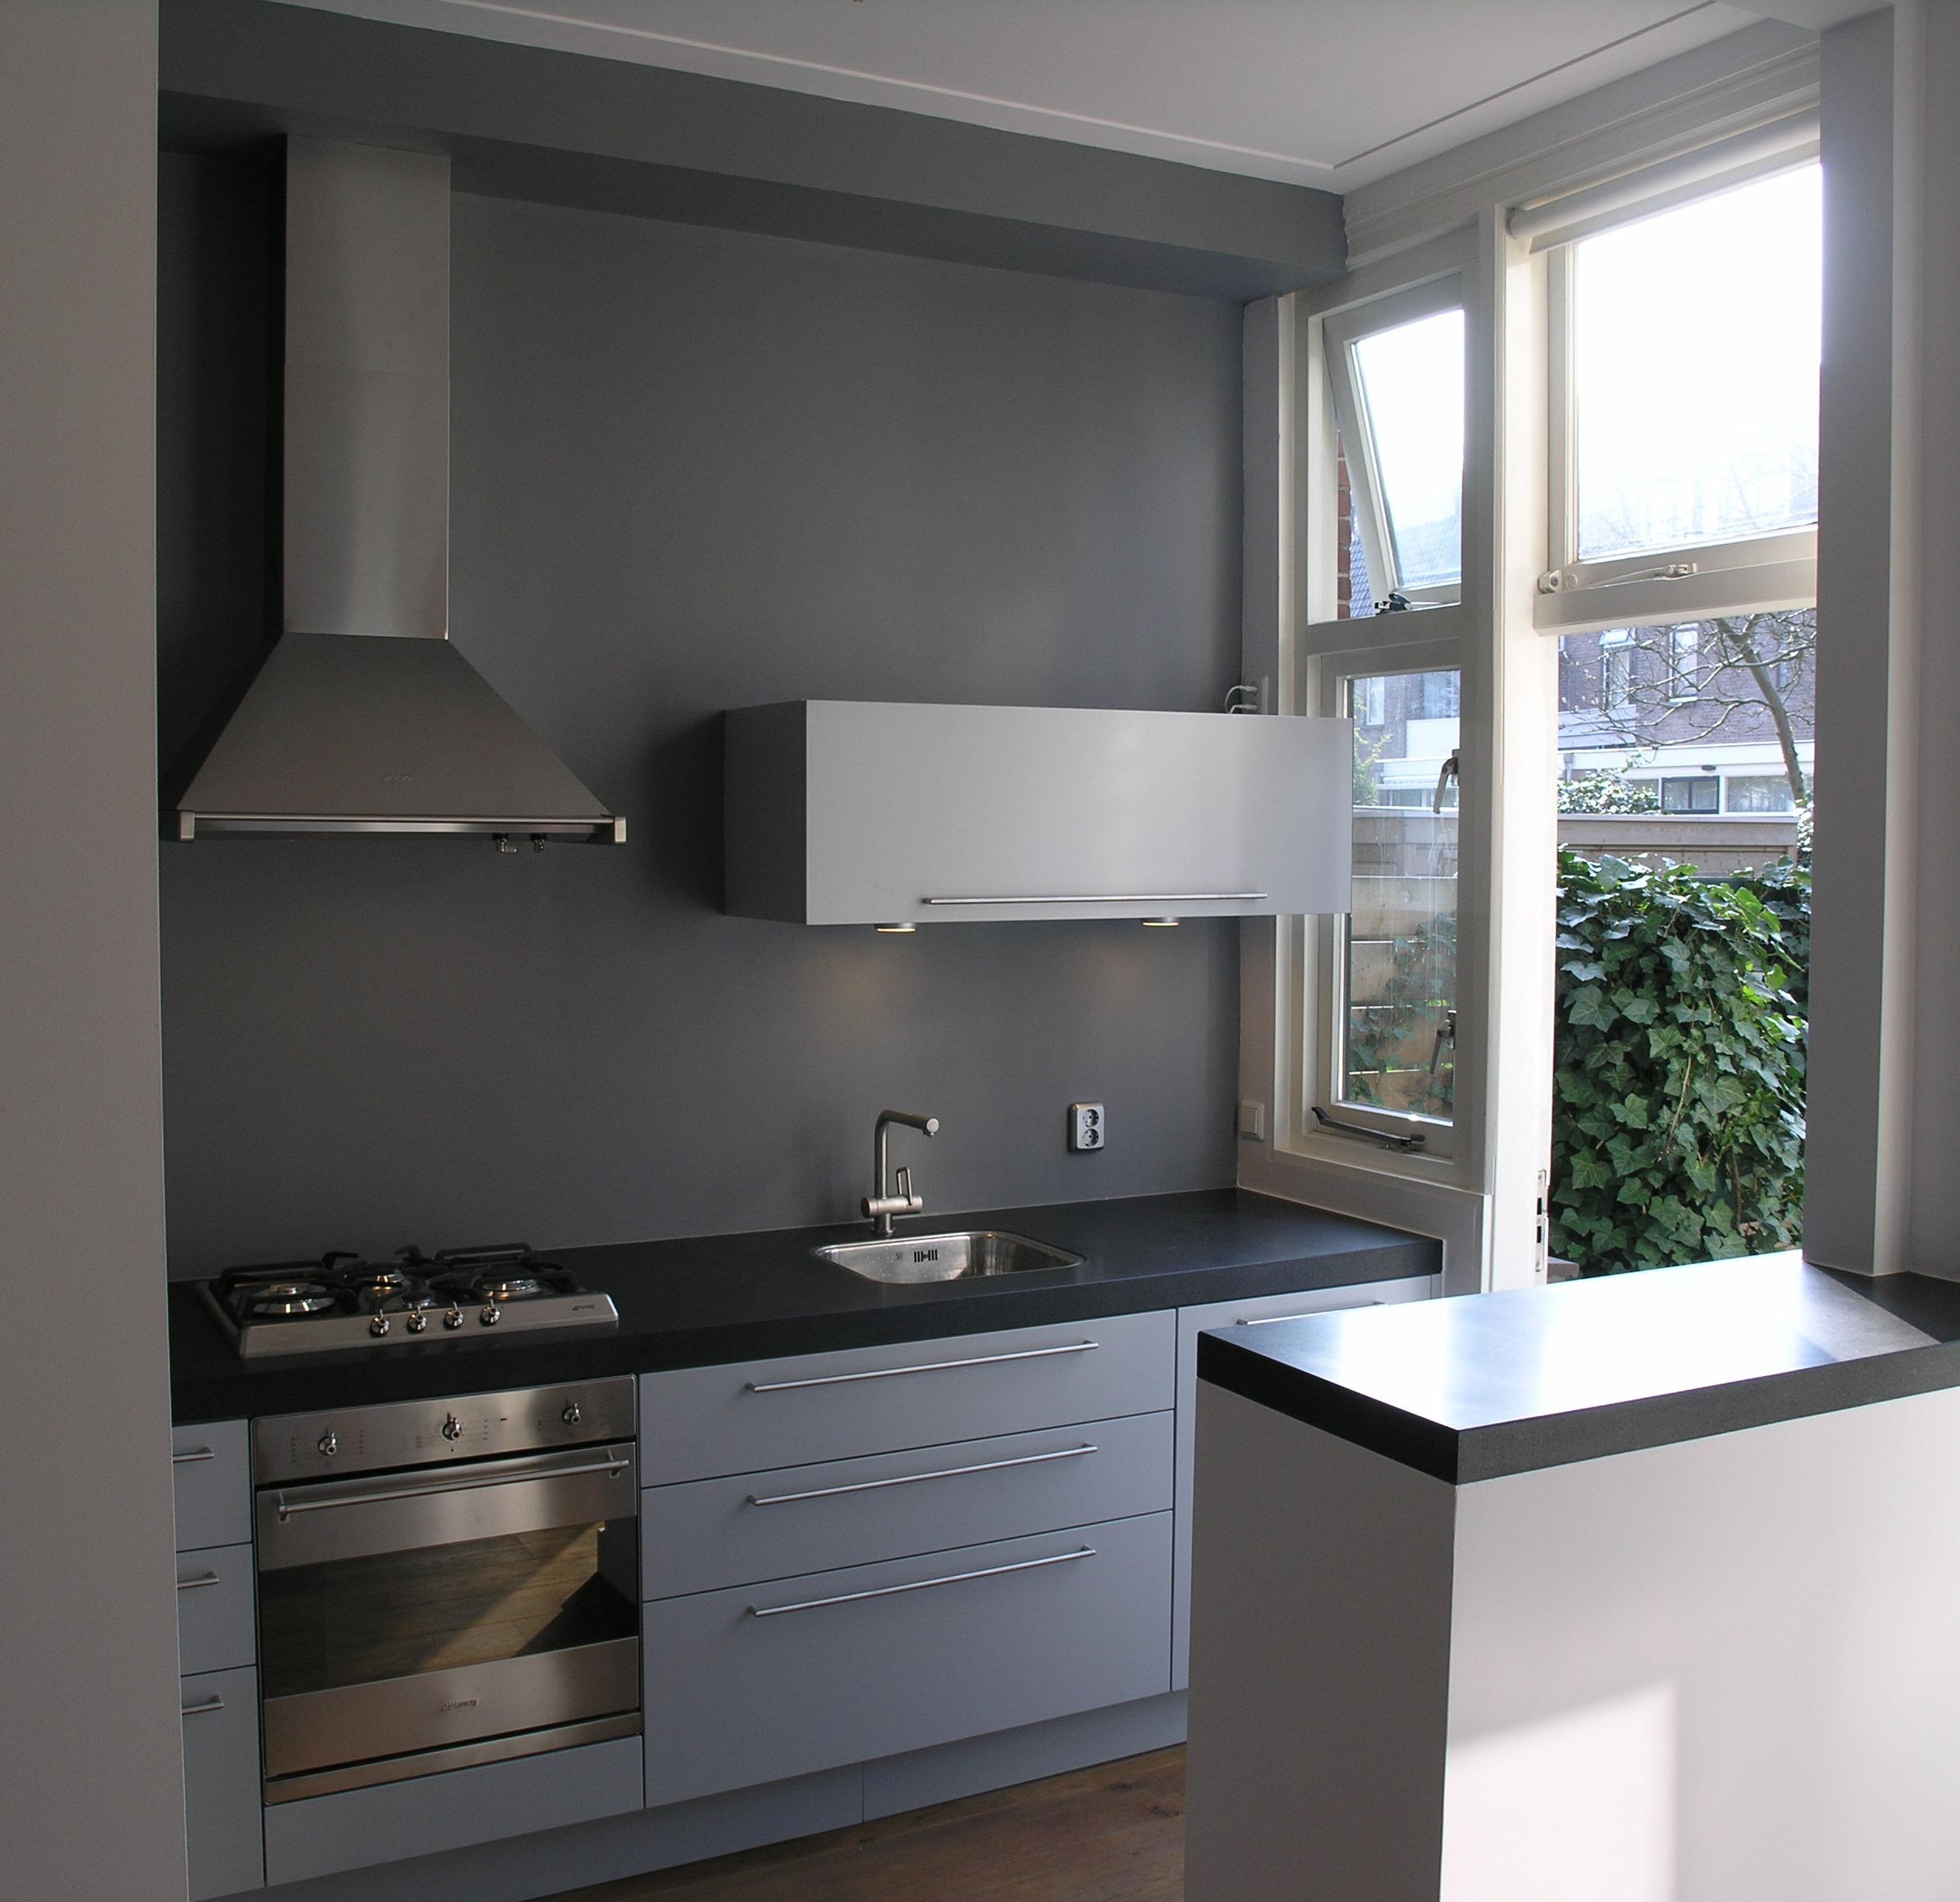 design keukens « thill art, Meubels Ideeën